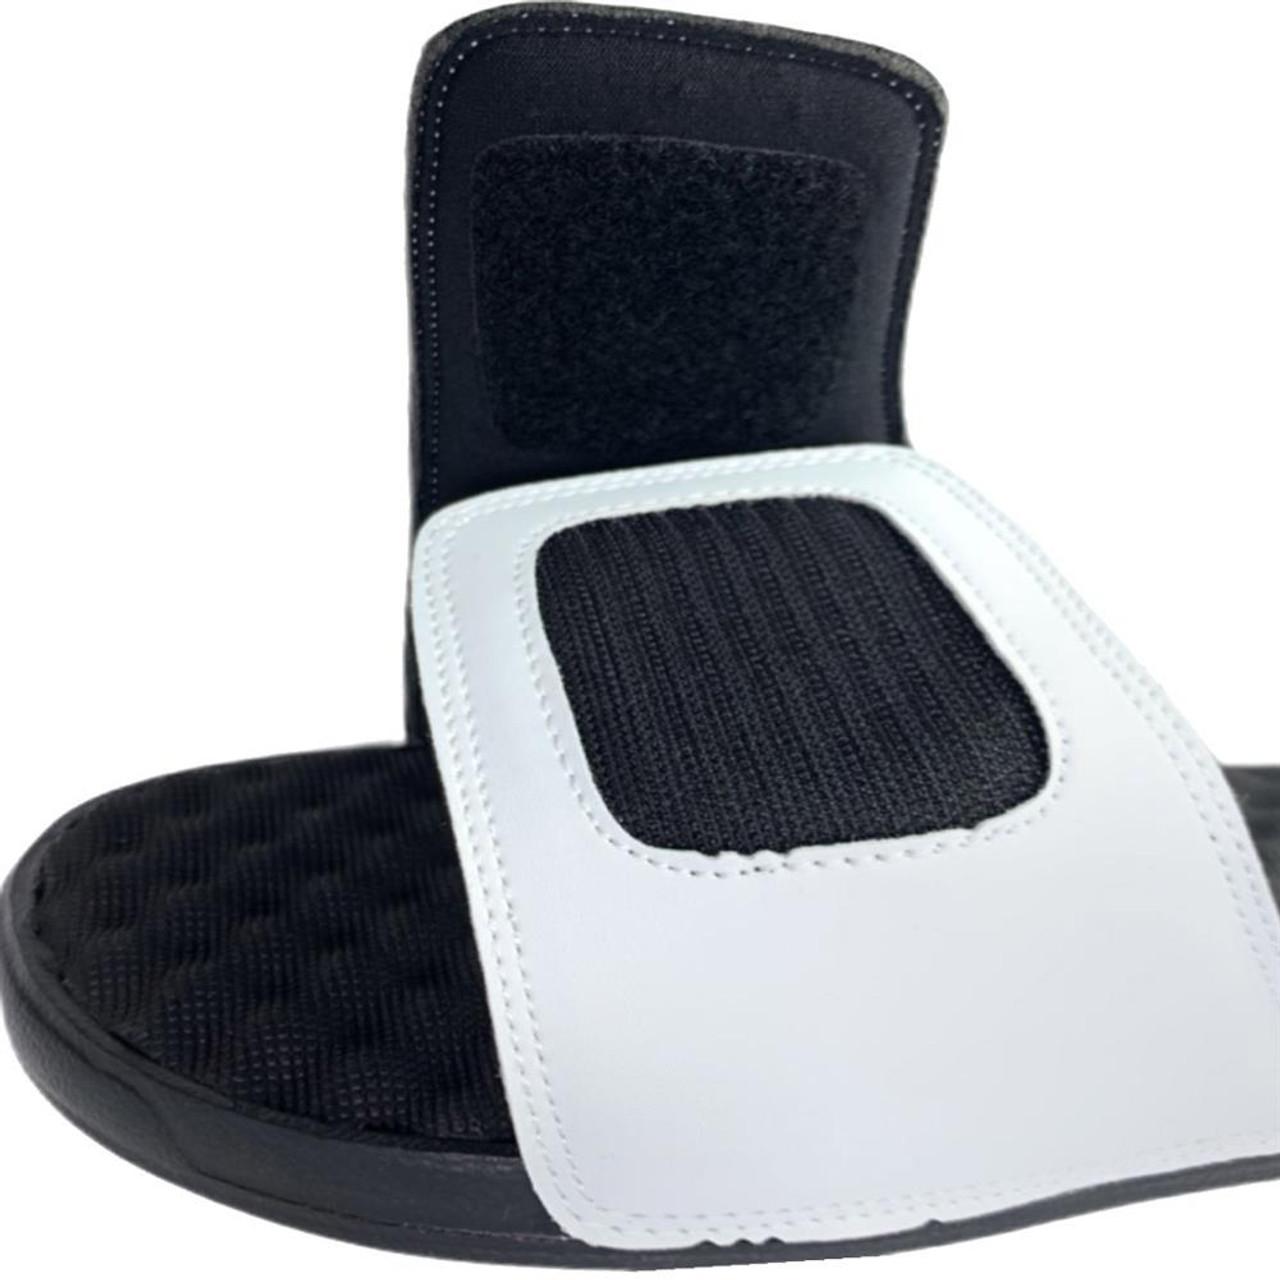 Oklahoma State University Slides ISlide Primary Adjustable Sandals